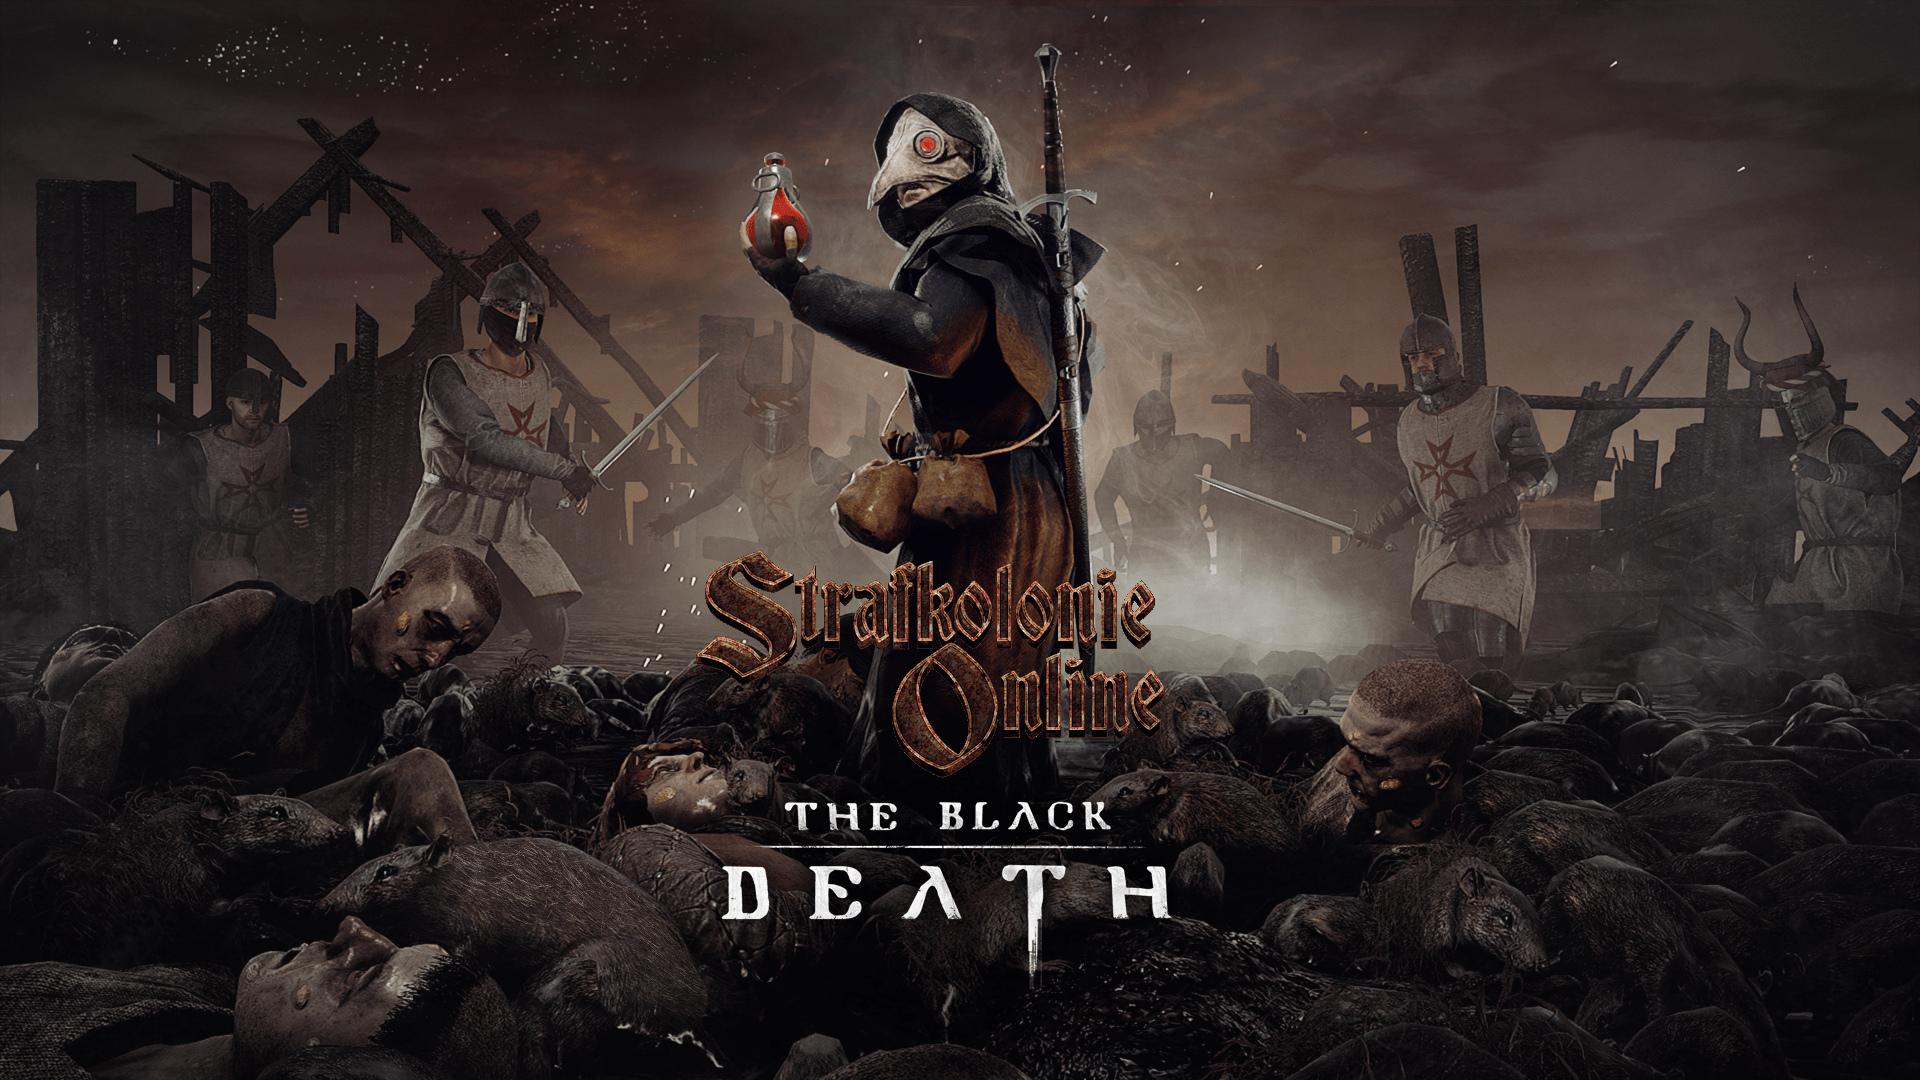 the-black-deathzdcb936w.jpg